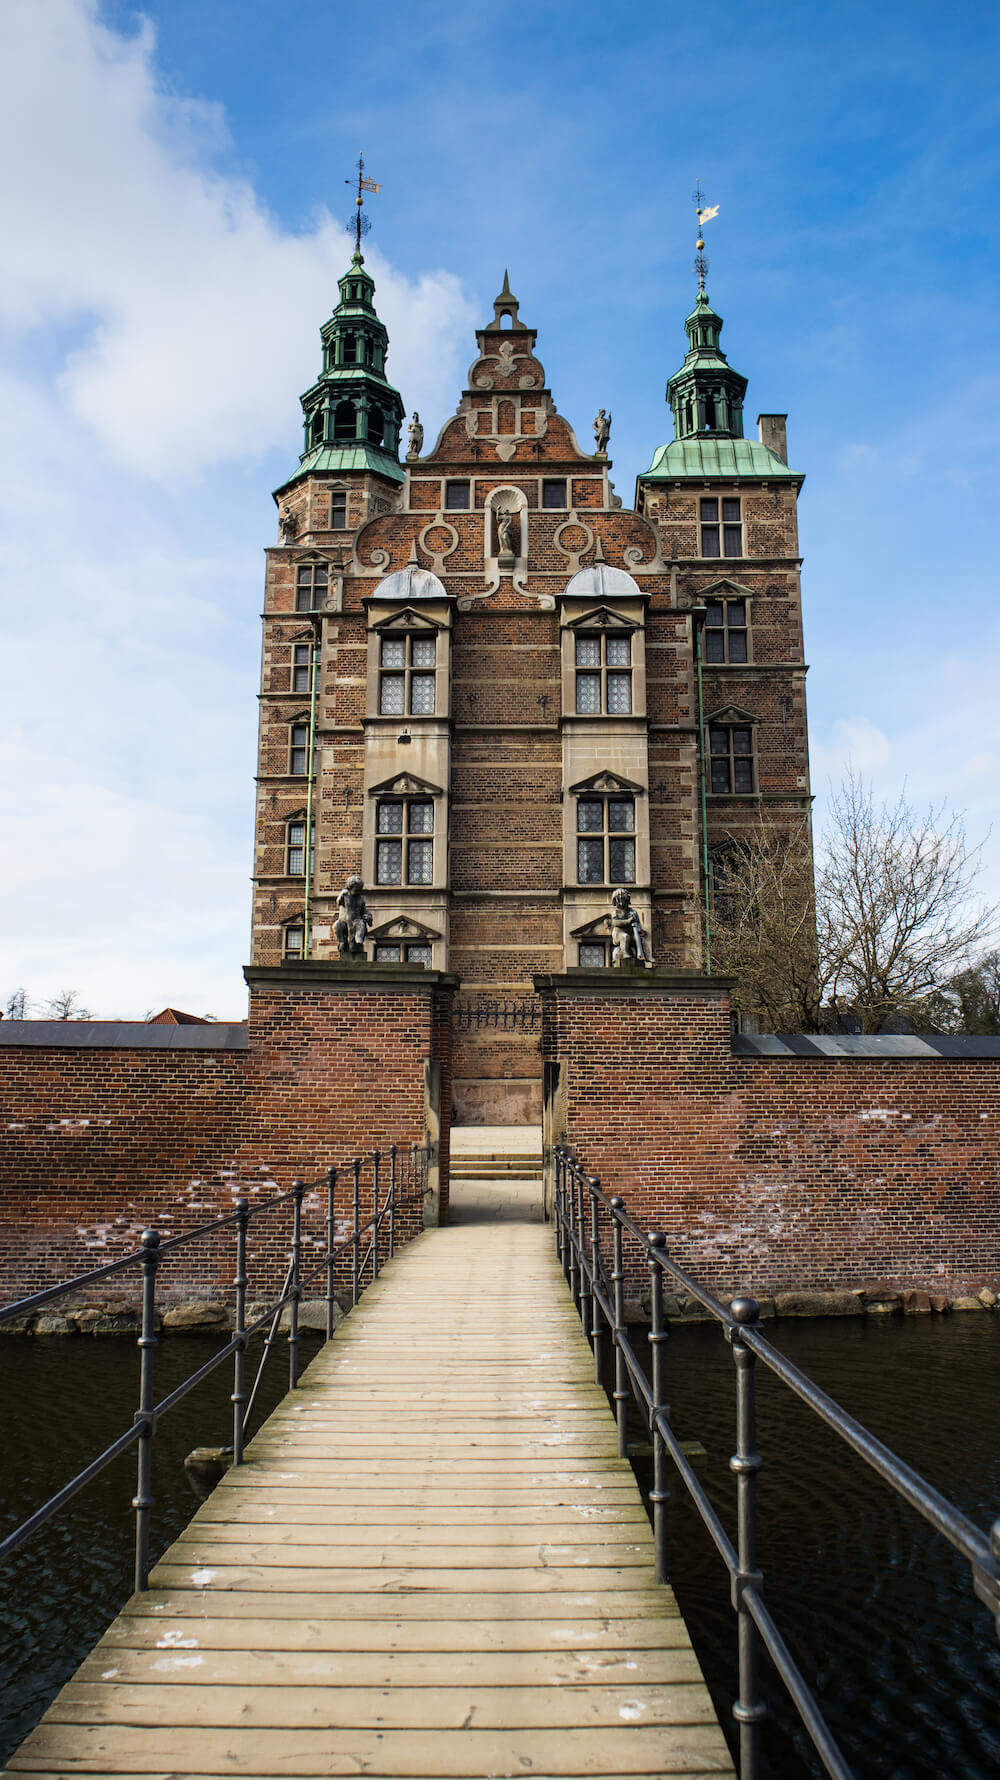 kopenhagen winter Rosenborg Slot